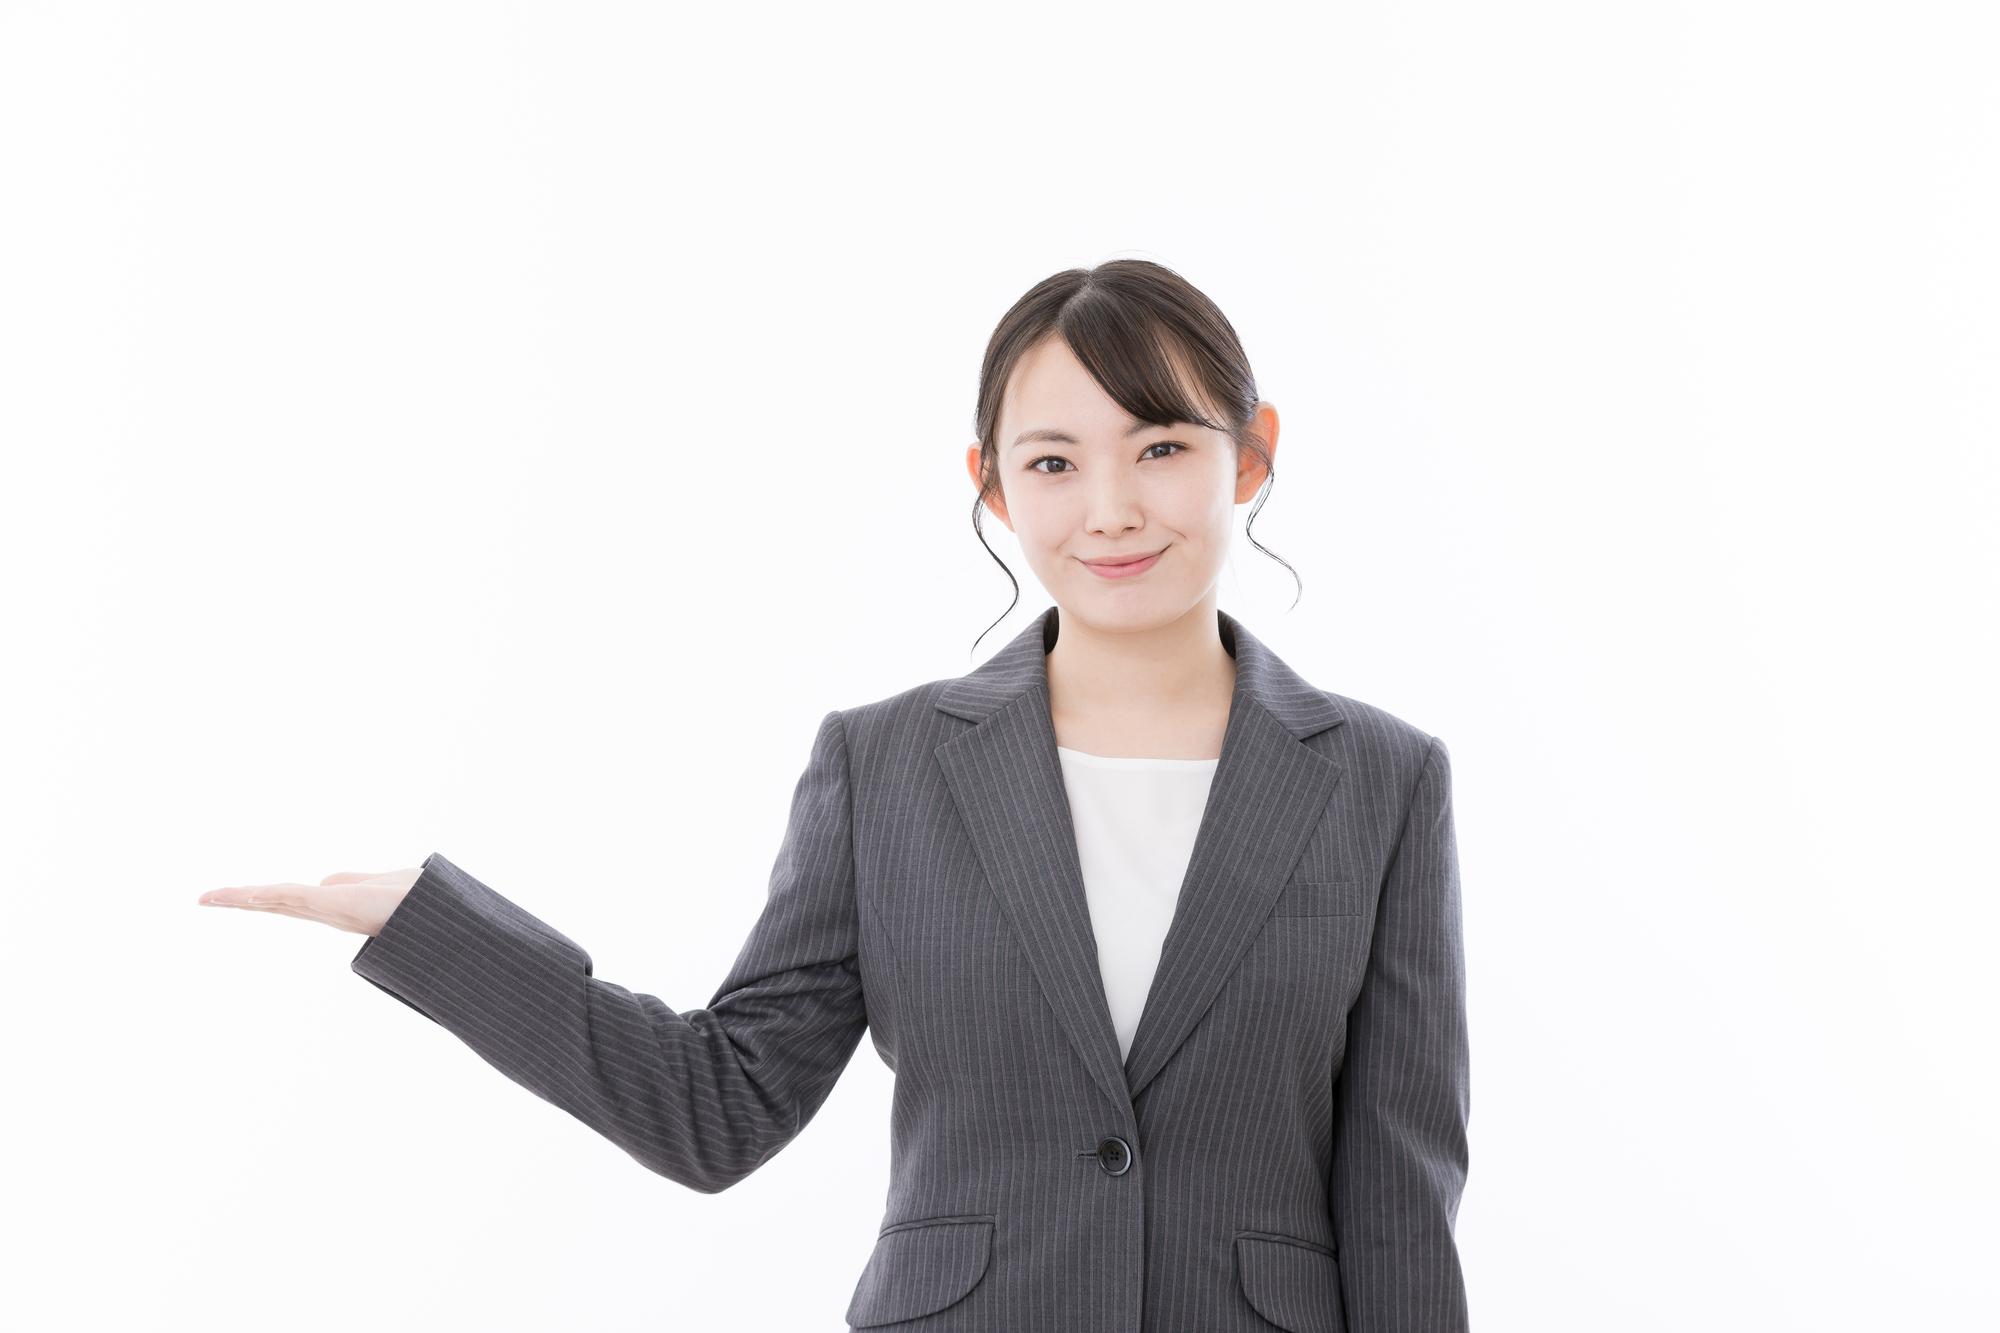 新居や新築の家具選びに便利なサブスクライフを紹介する女性